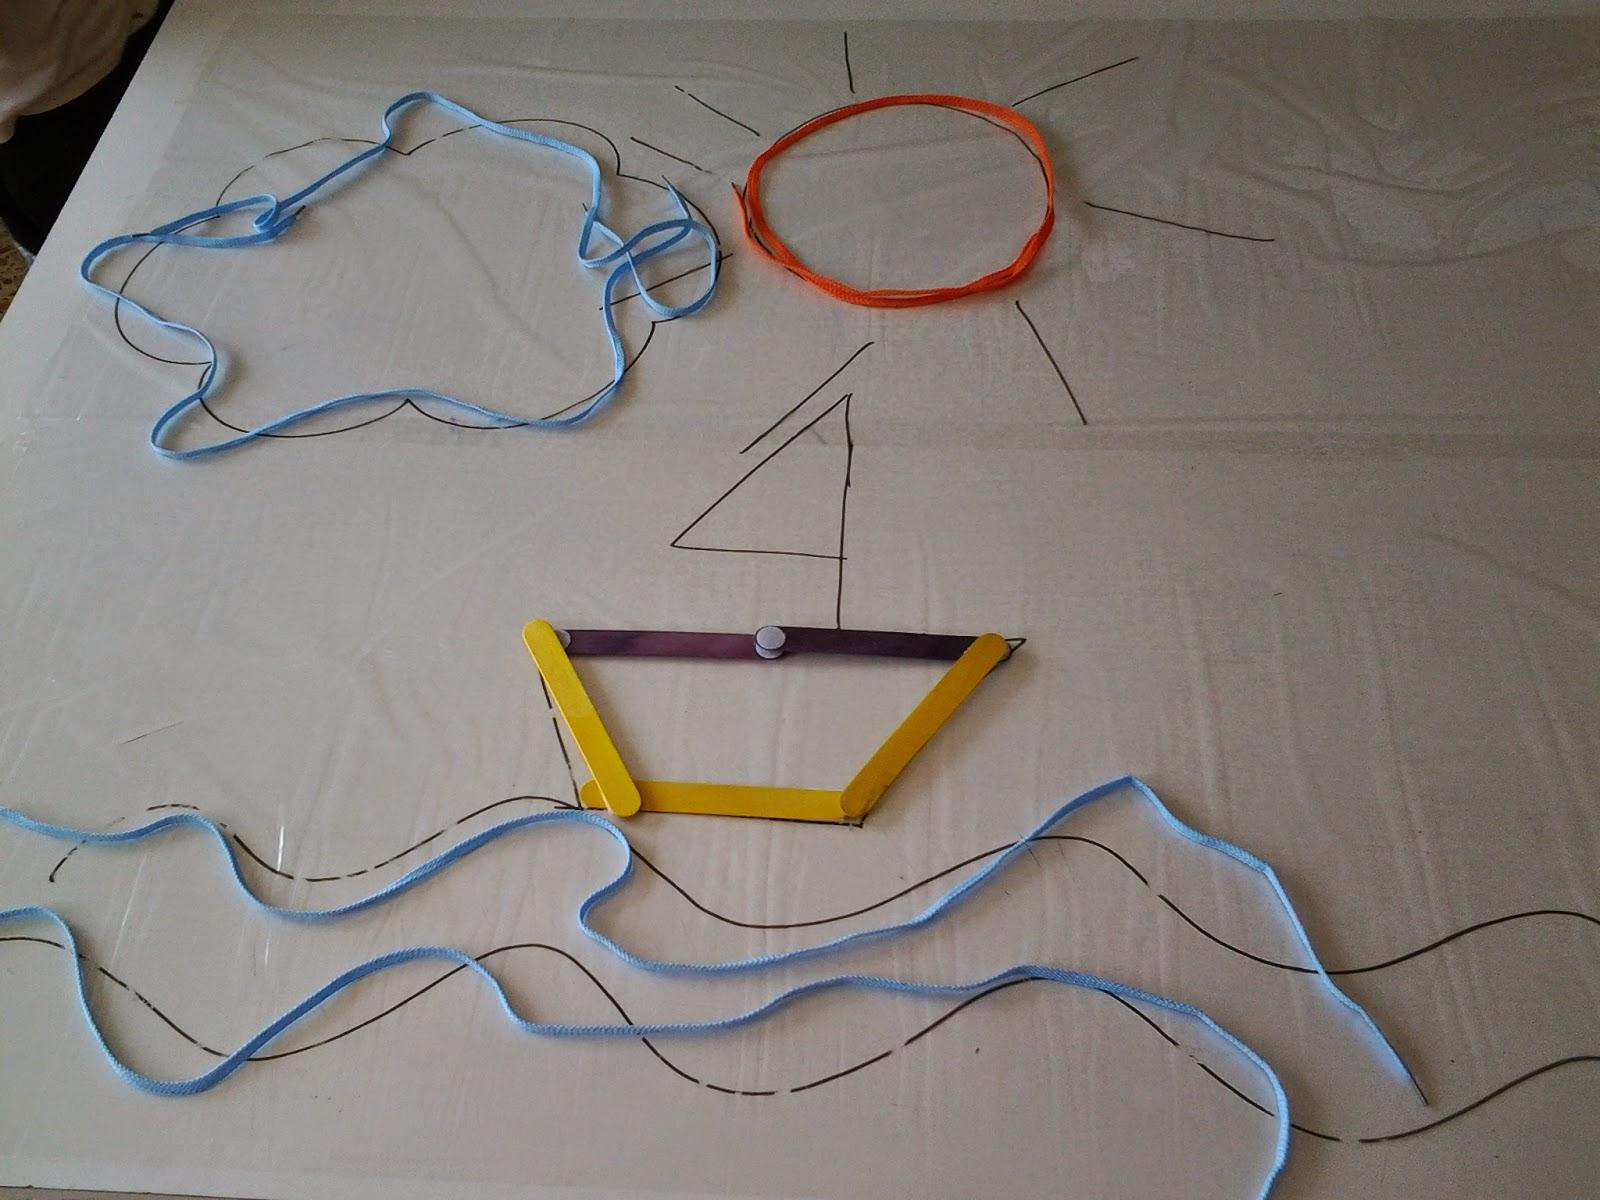 hago y comprendo: Líneas rectas y curvas, abiertas y cerradas....con ...